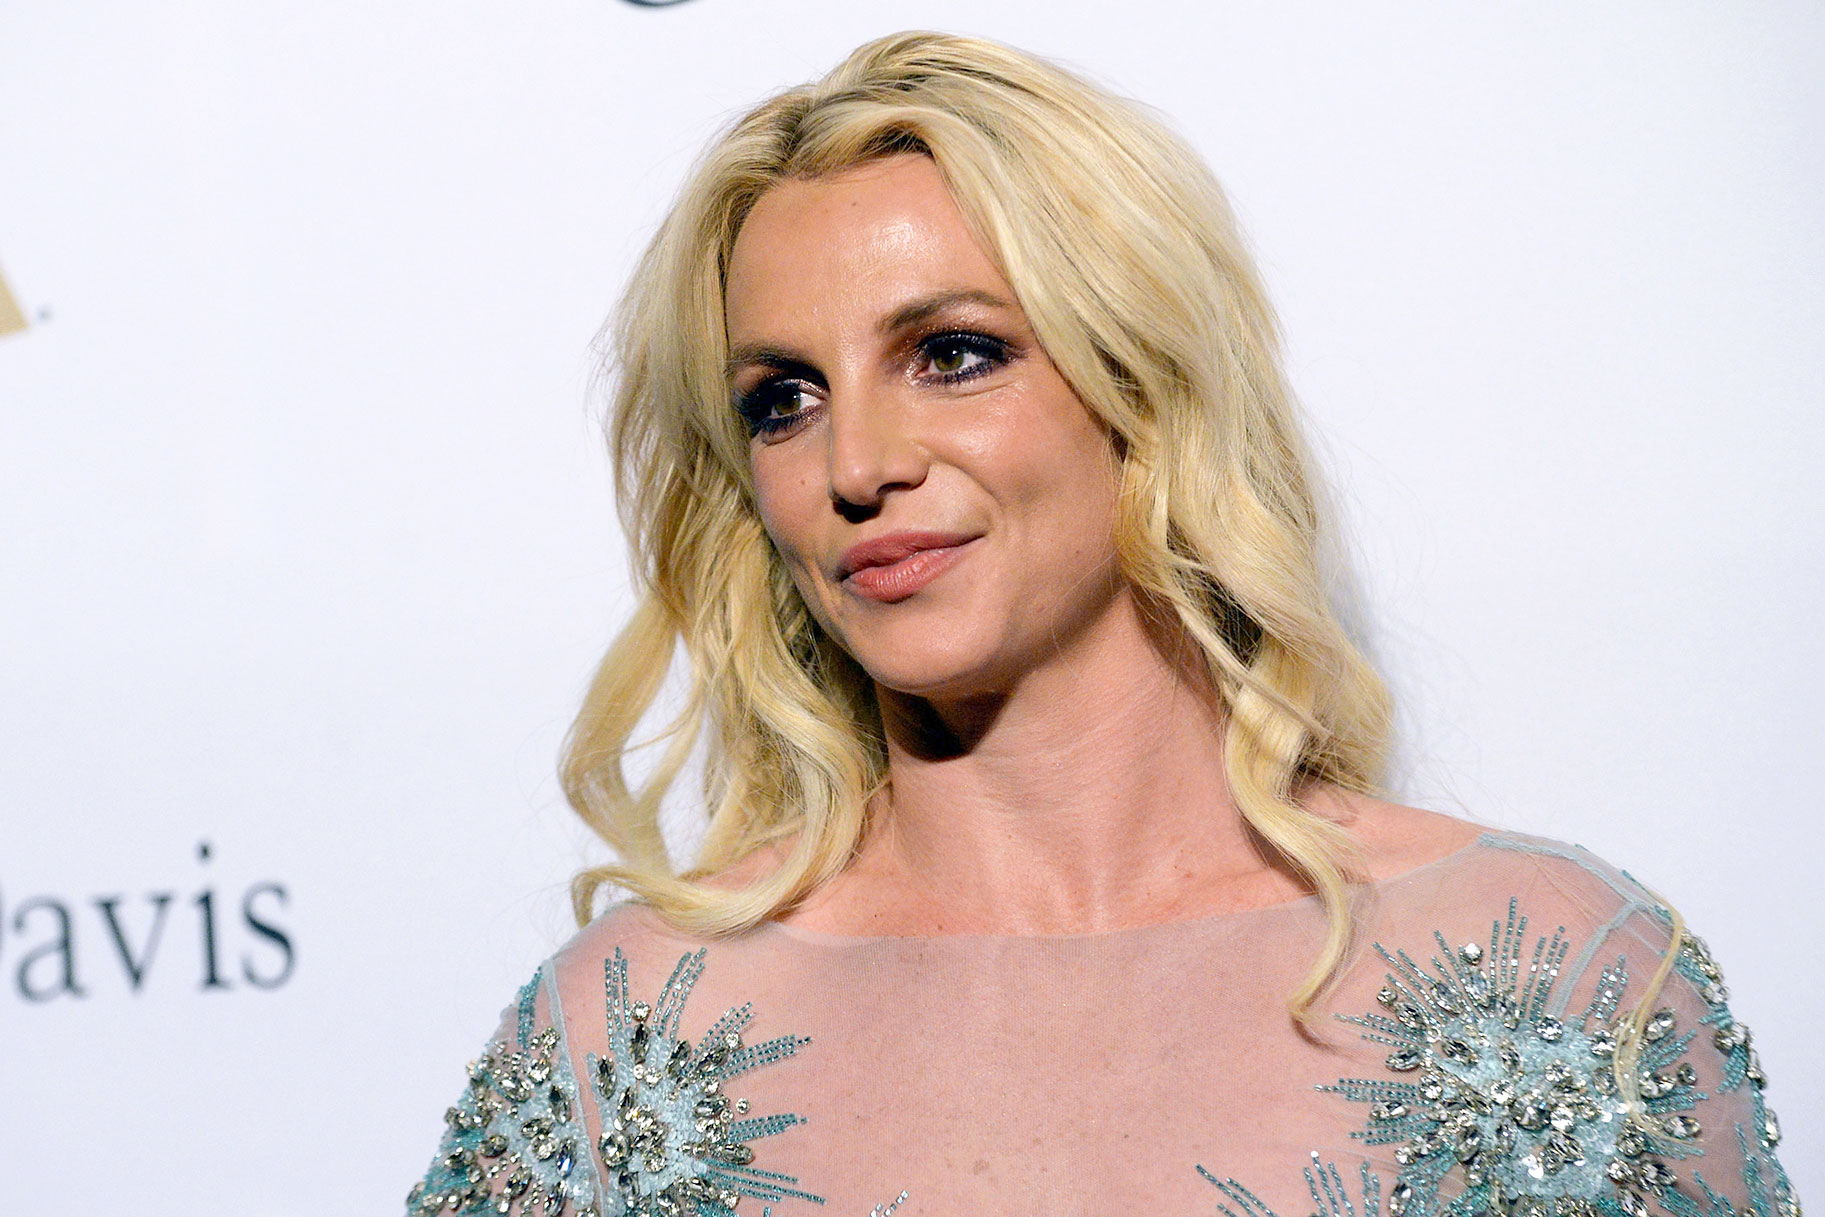 Britney Spears dice que 'lloró durante dos semanas' y se sintió 'avergonzada' después de ver un documental sobre ella